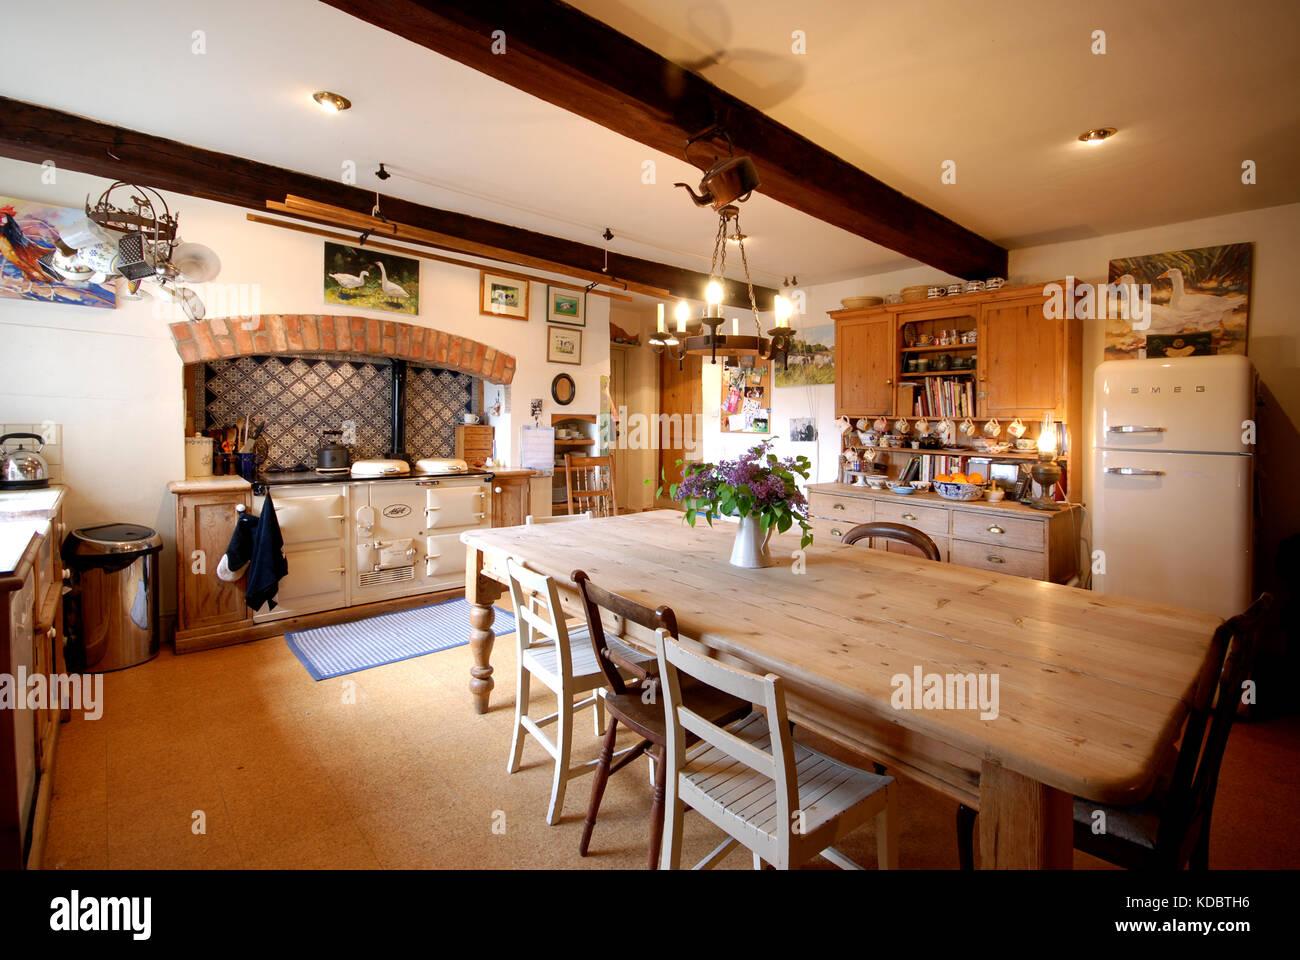 Charmant Maison De Ferme Traditionnelle Salle à Manger Cuisine Avec Cuisinière AGA  Crème